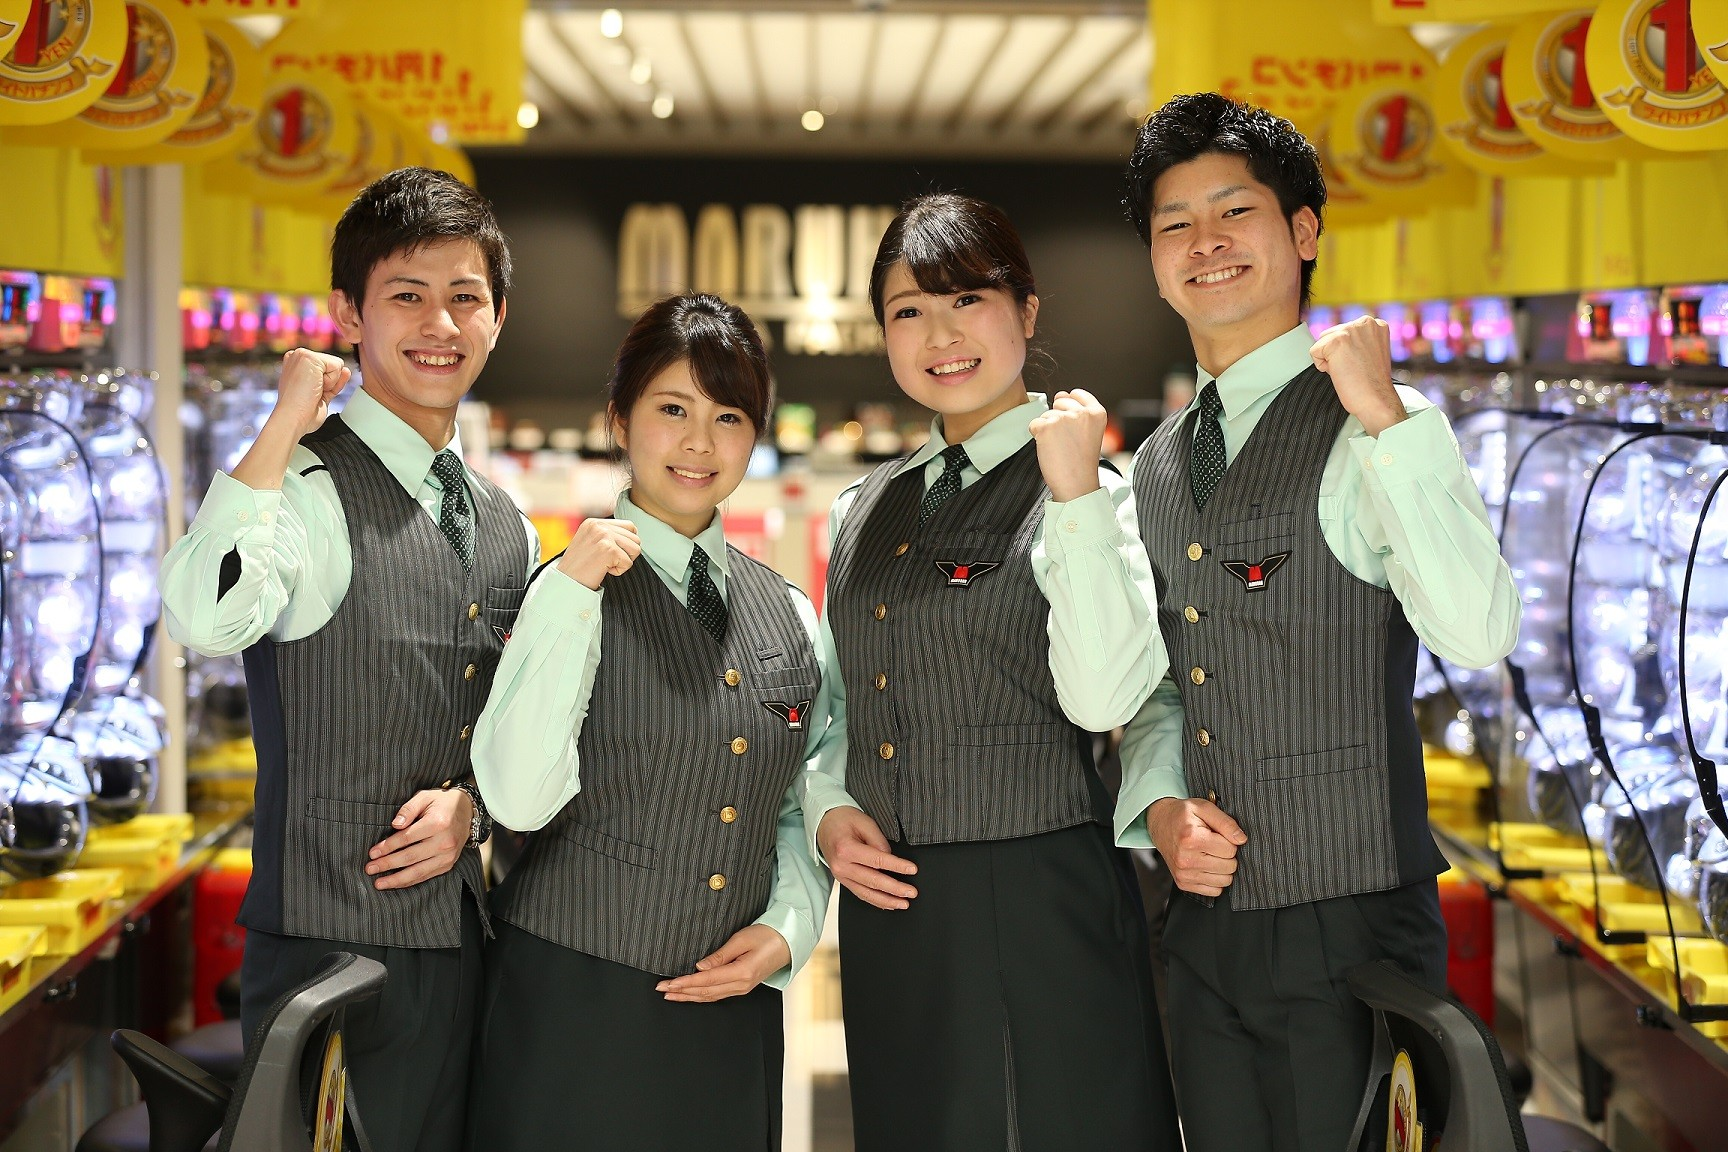 マルハン 薩摩川内店[4605]のアルバイト情報